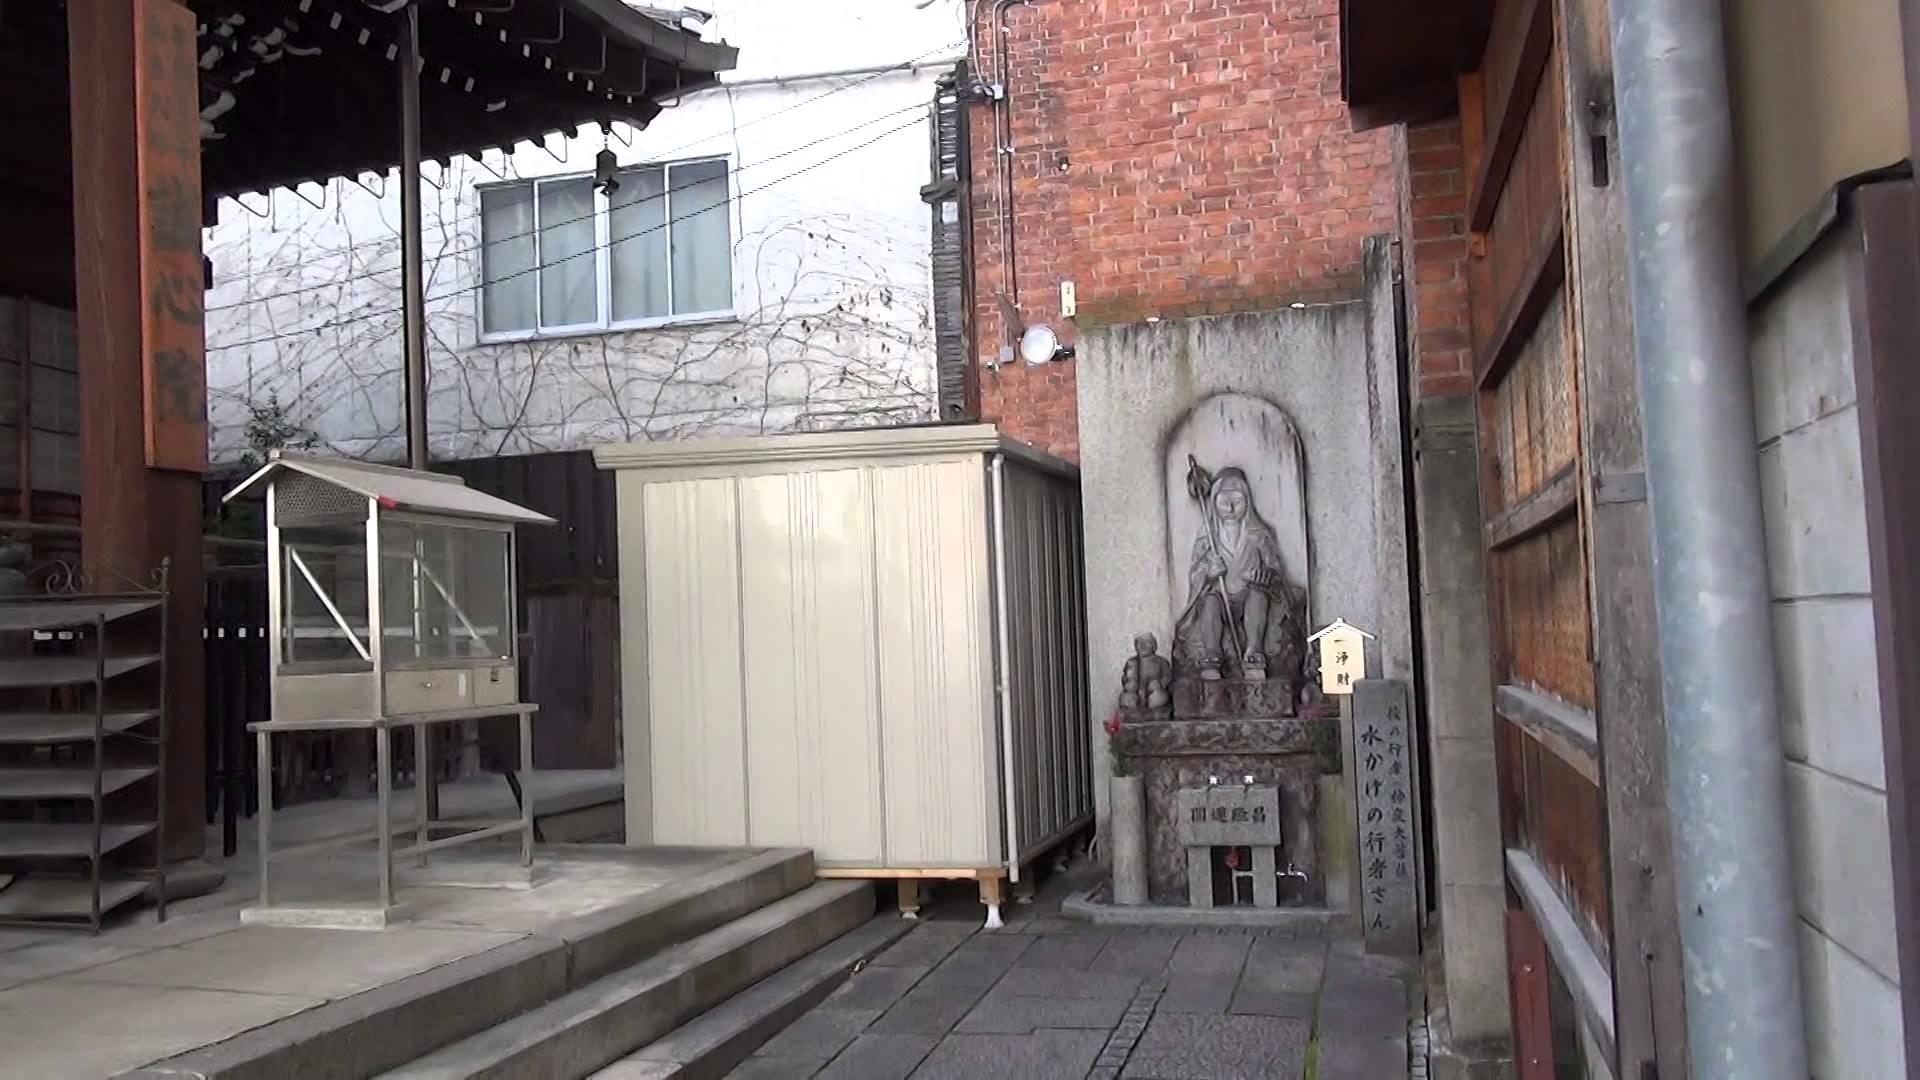 新京極商店街の神社仏閣を全部まわろう編06 和泉式部の誠心院